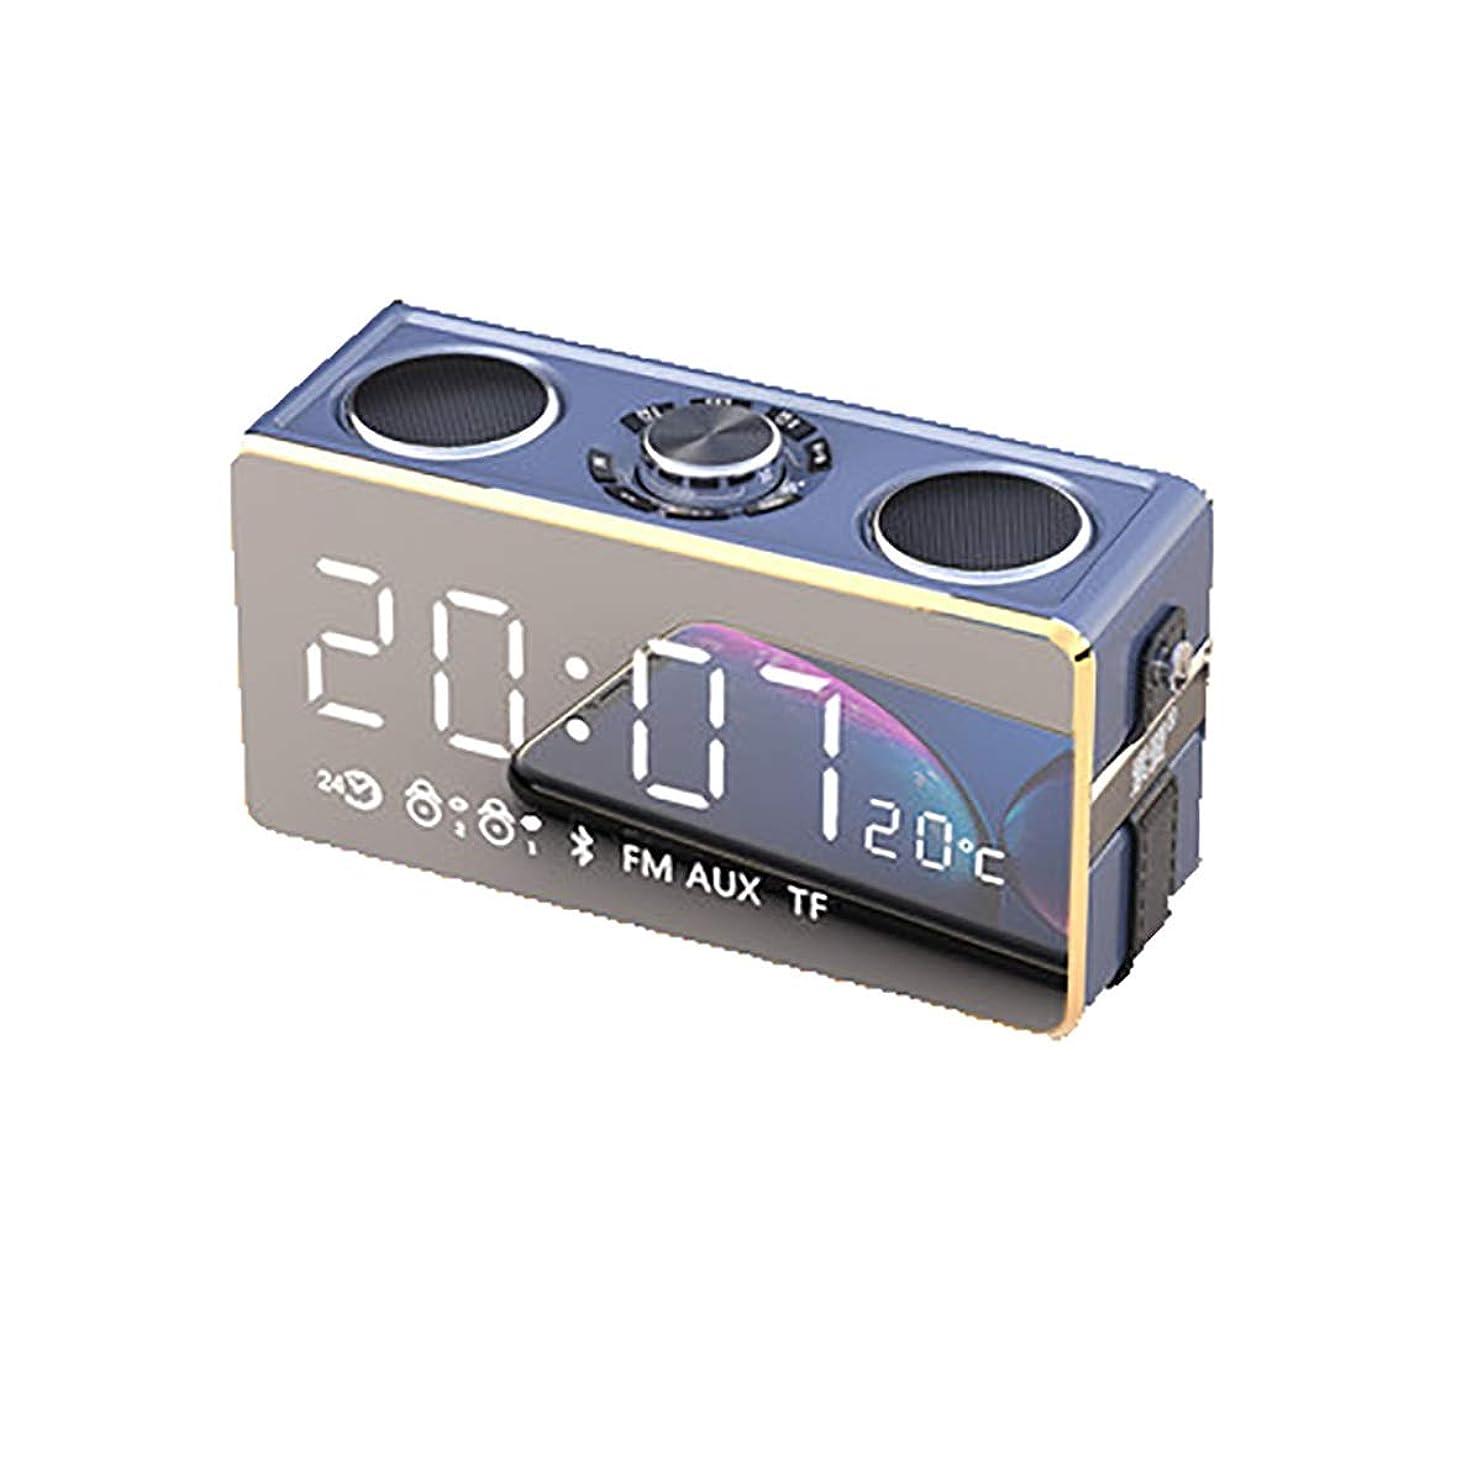 スイッチ惑星構築するTONGBOSHI ワイヤレスBluetoothスピーカー太りすぎサブウーファーホーム大量屋外の携帯電話のオーディオスマート3Dサラウンド小キャノンミニ車のポータブルインパクトラジオ付き目覚まし時計 (Color : Gold)